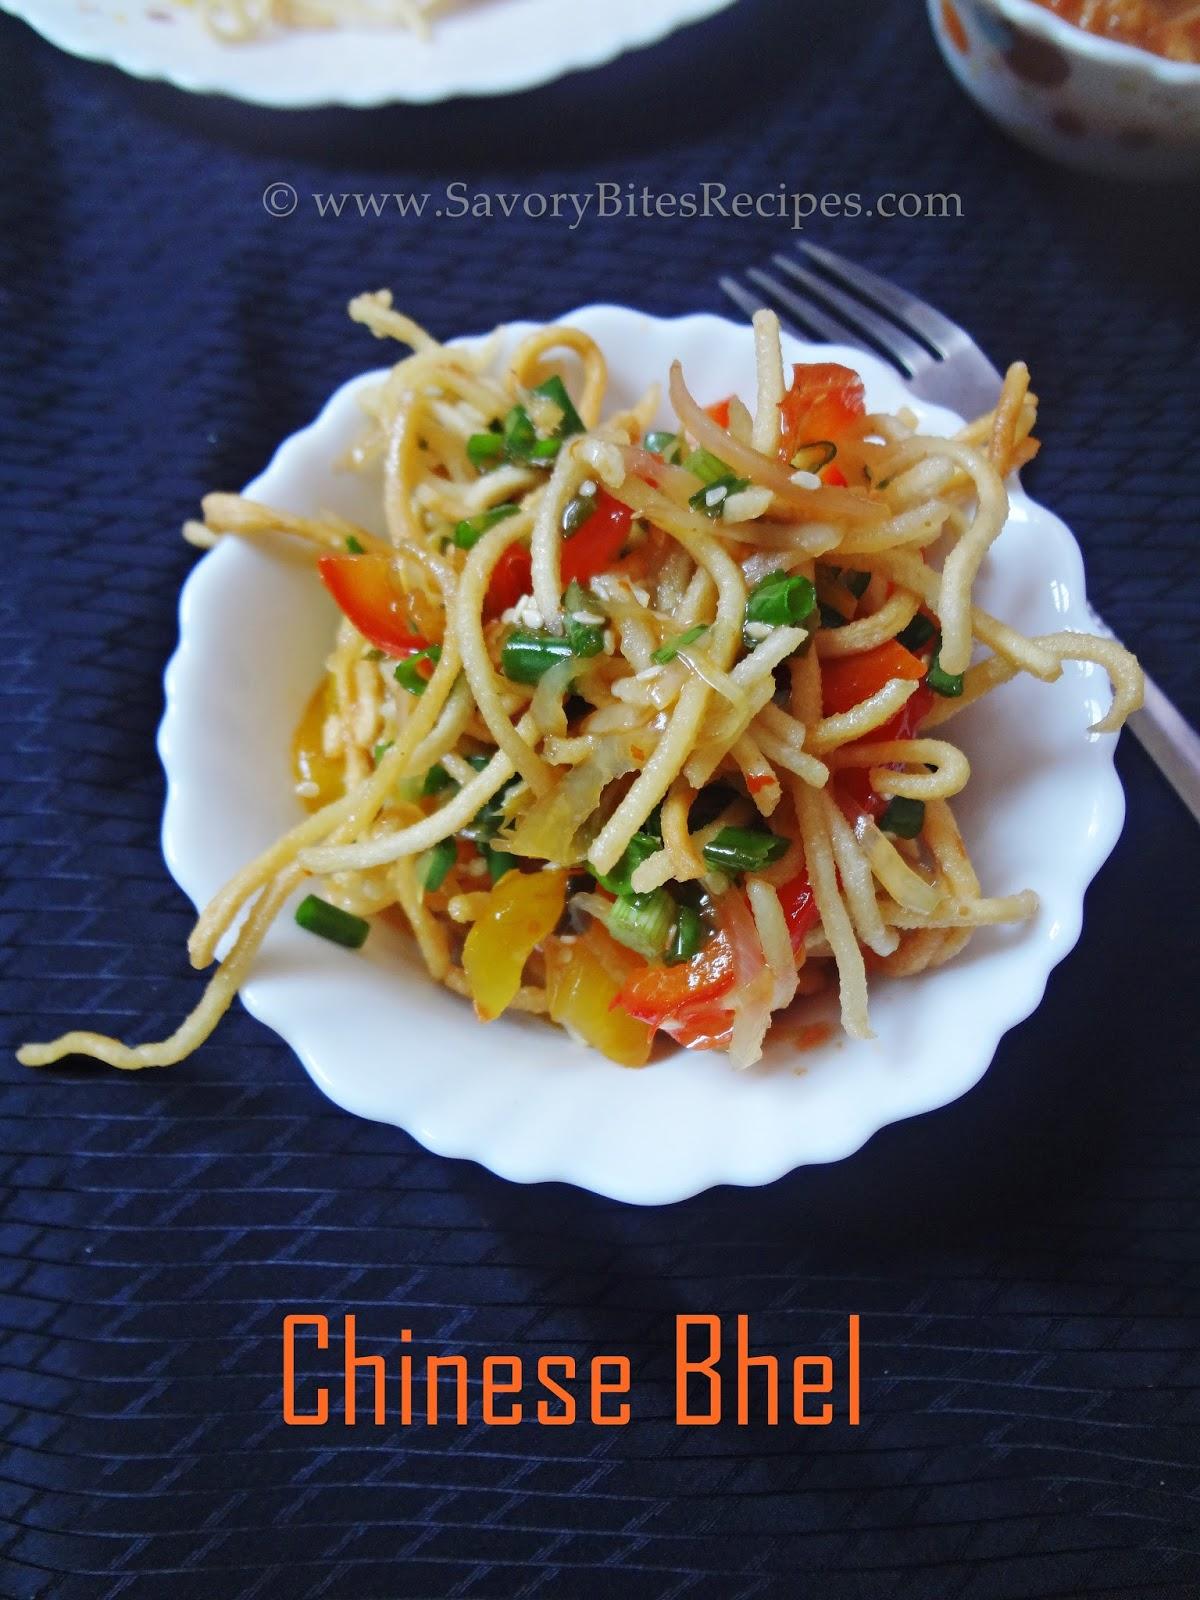 chineses bhel Indo-Chinese Vegetarian